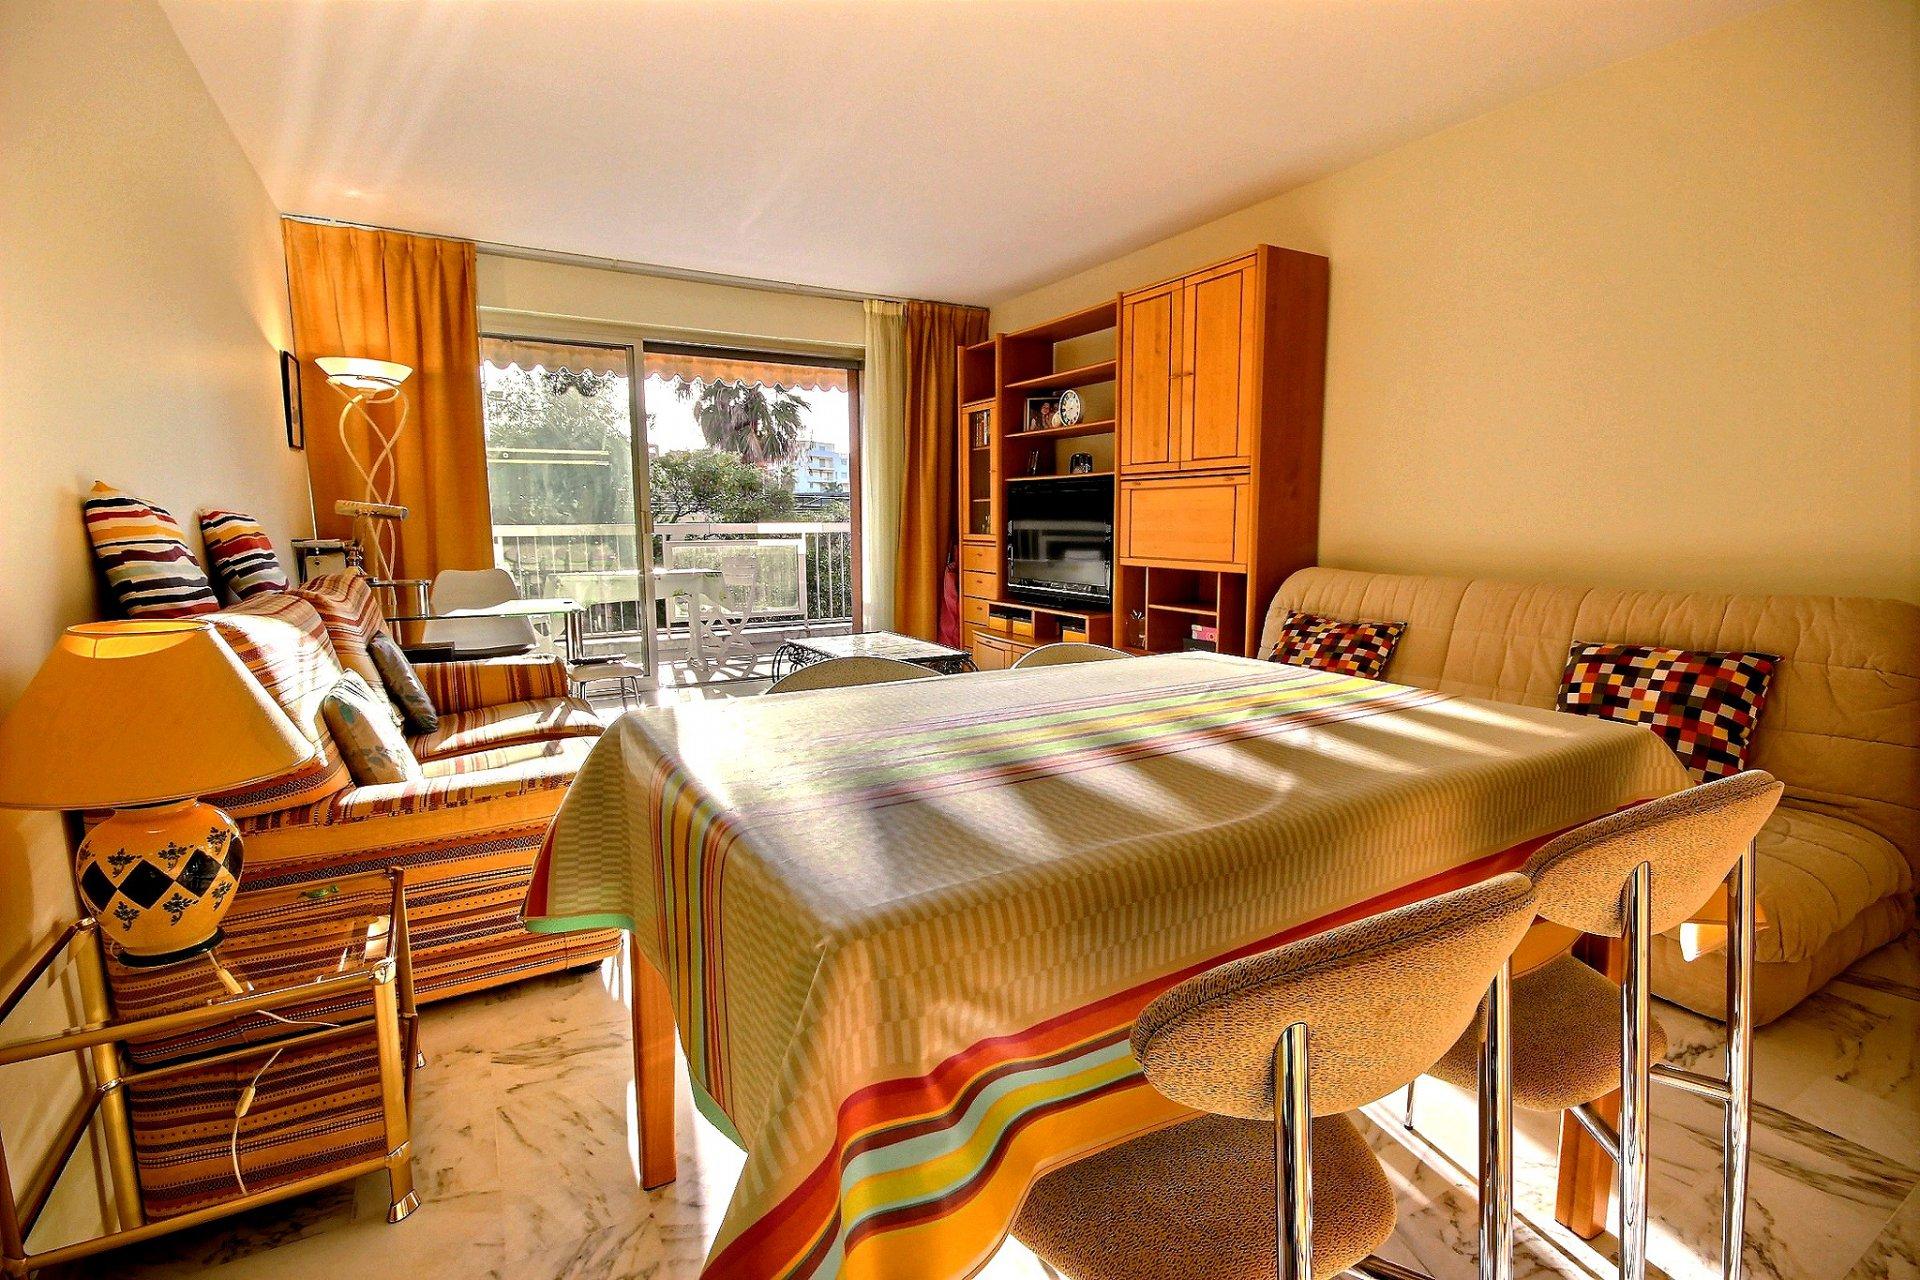 séjour Cannes Basse Californie Appartement 2 Pièces à vendre